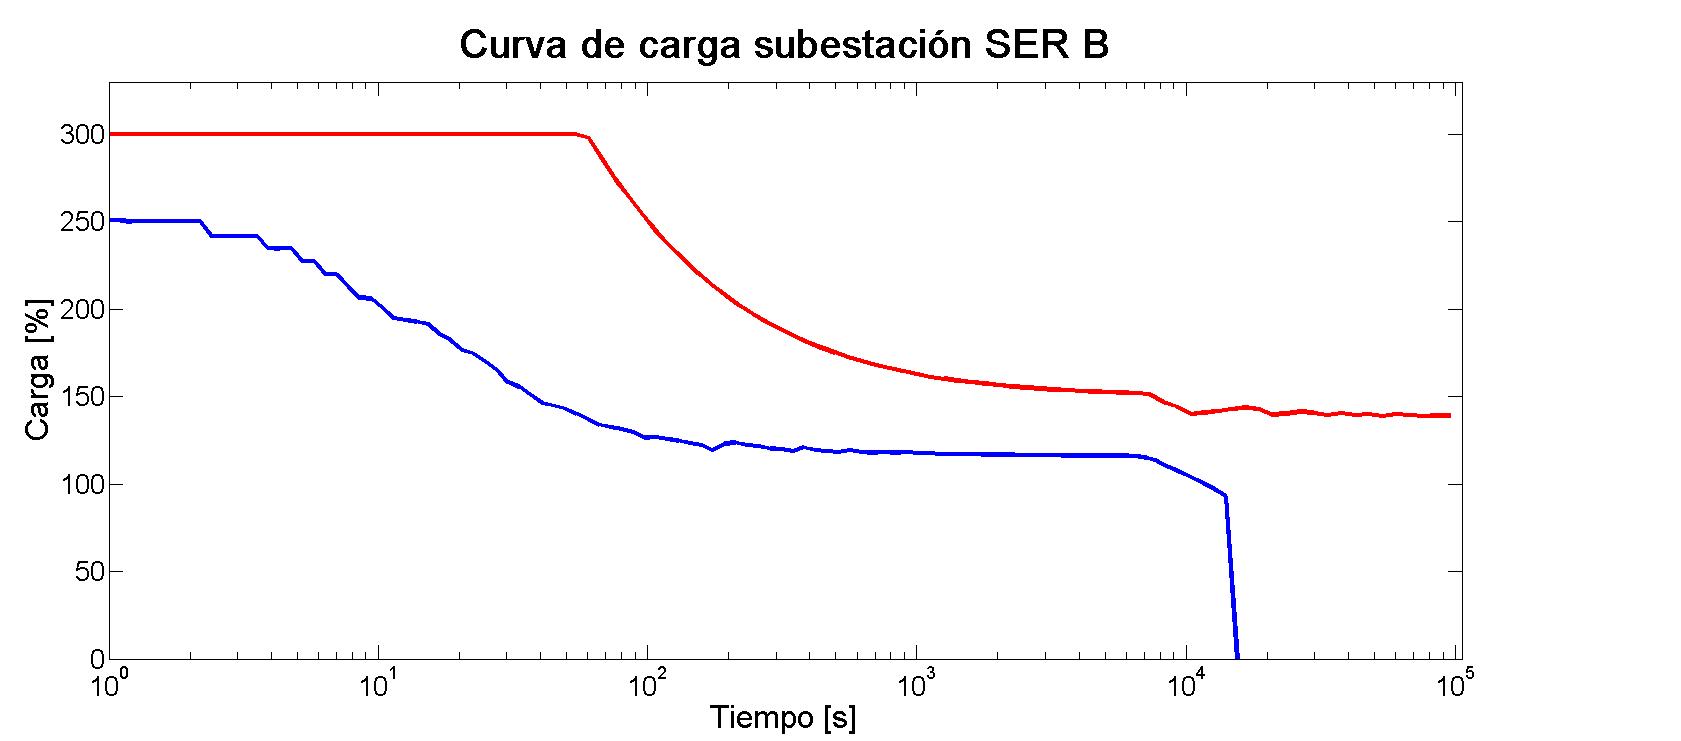 Imagen 04 - Tesis Manuel Soler Nicolau - Curva de carga subestación SER B